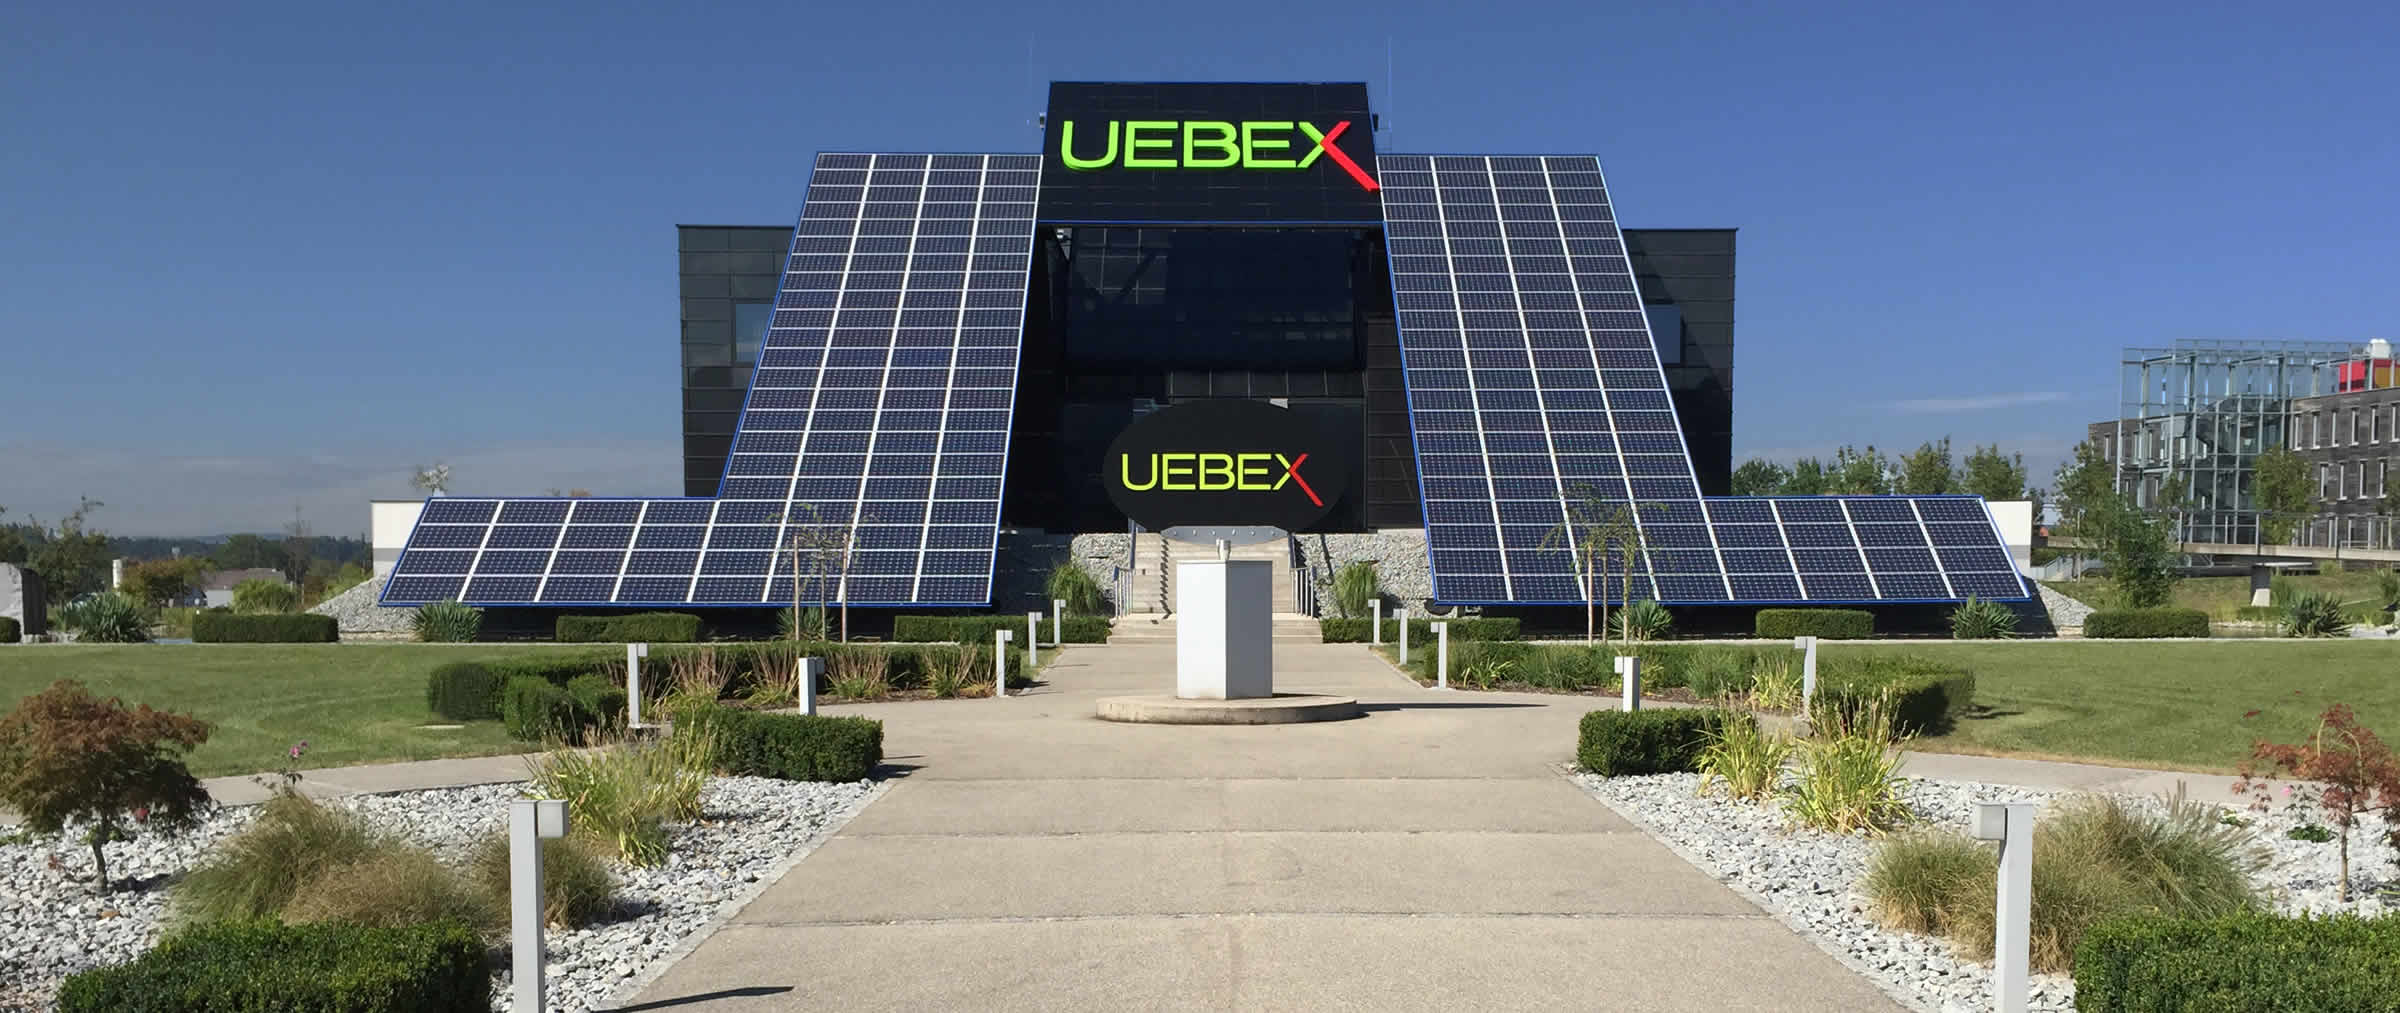 uebex-unternehmen